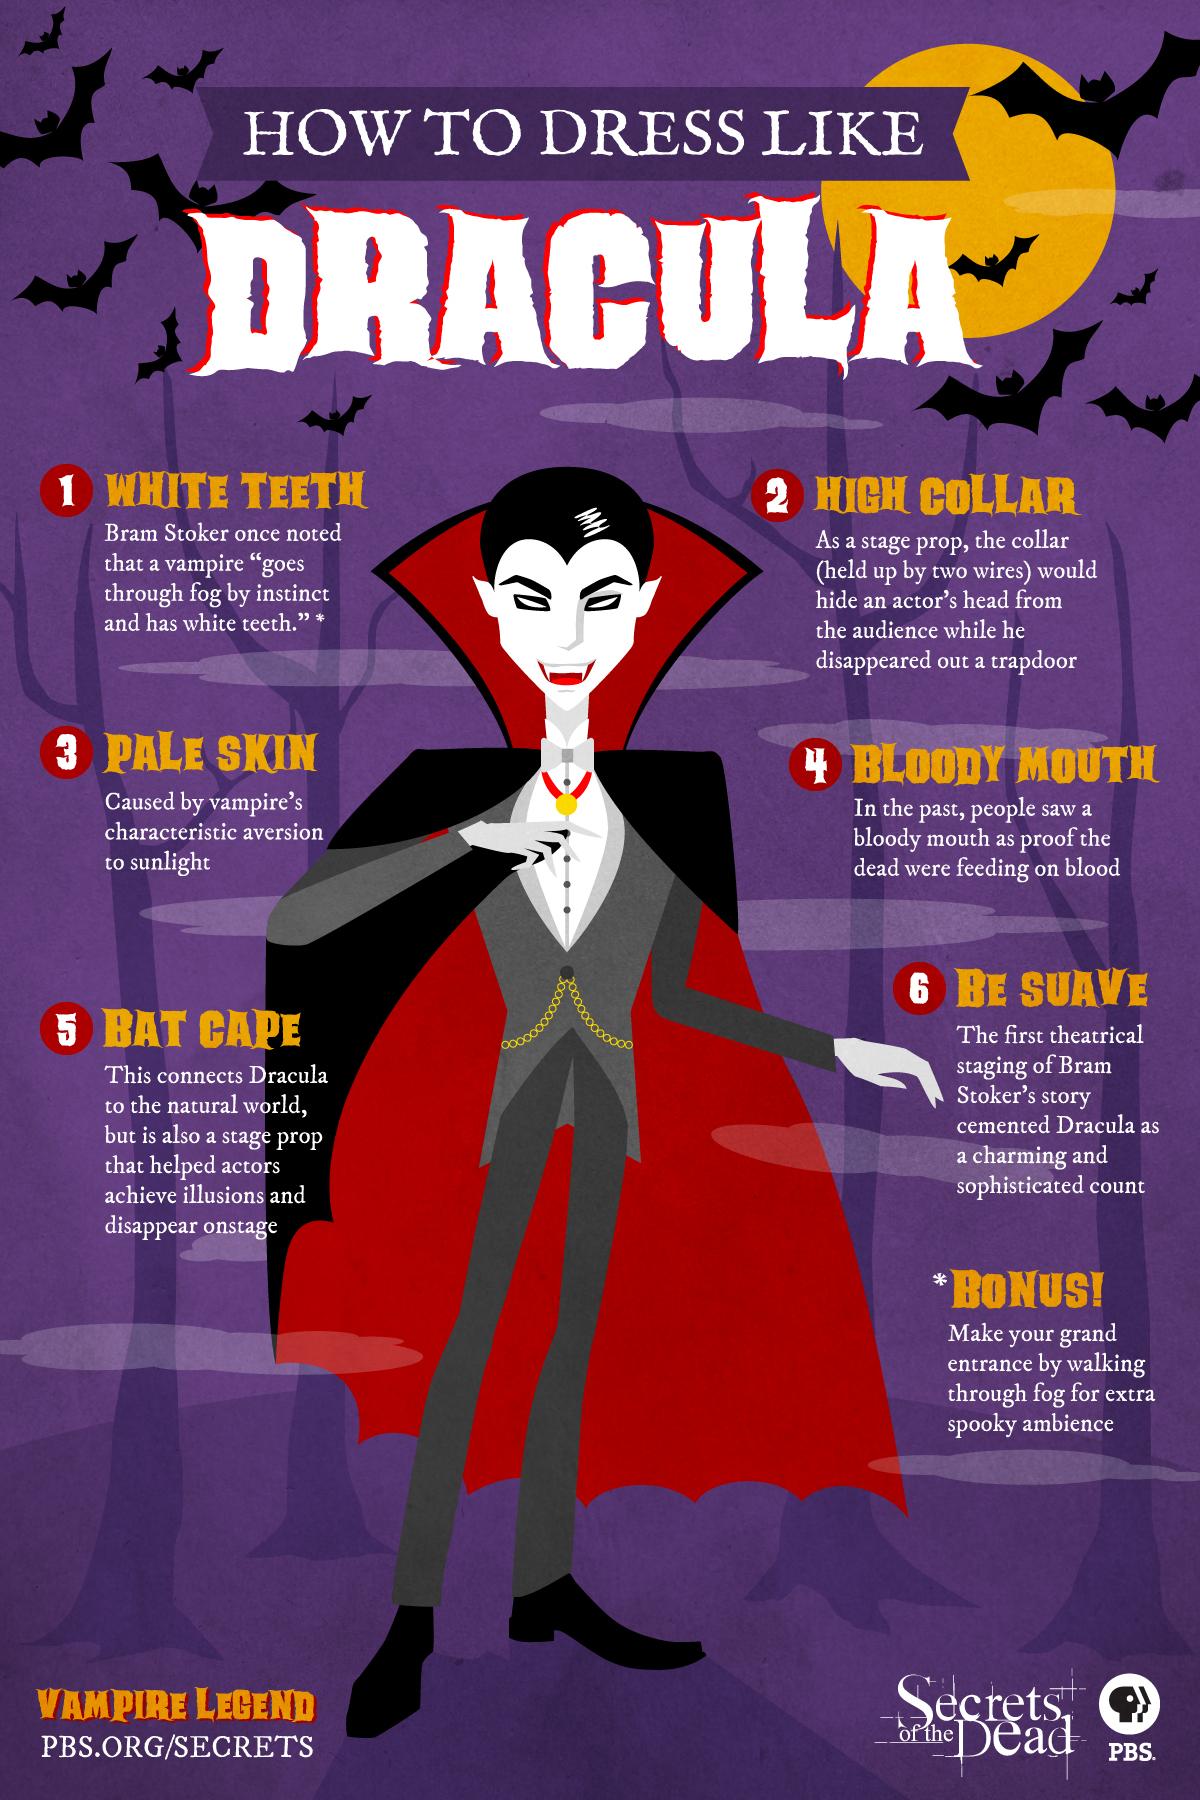 SoTD-Dress-Like-Dracula